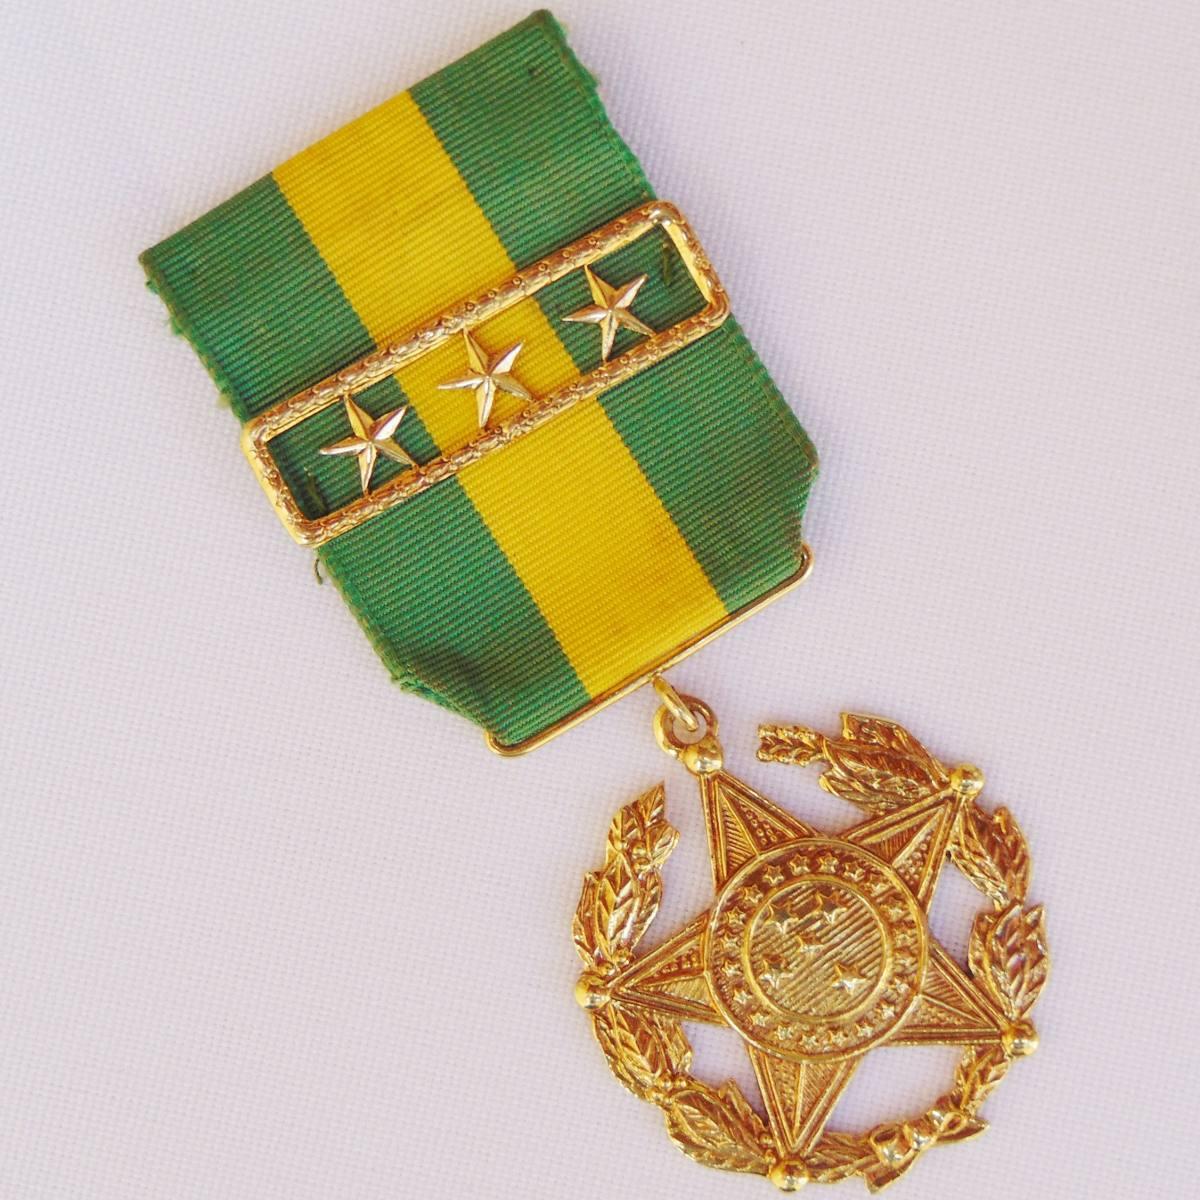 7dd748c4c8ad8 Comenda Condecoração Mérito Militar 30 Anos Ouro Maciço 19 G - R ...